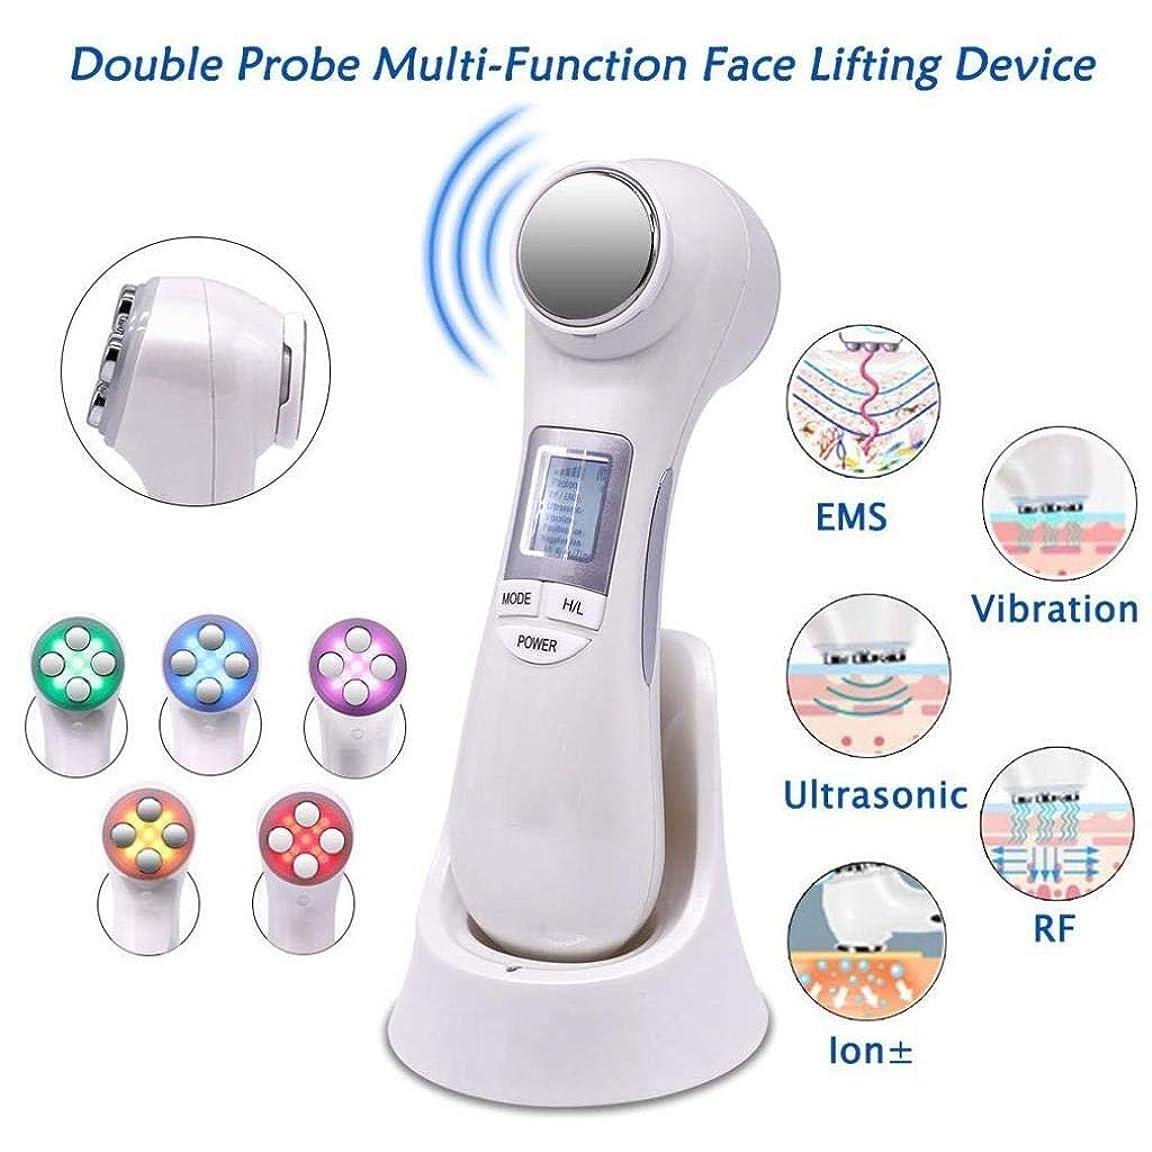 RF美容デバイス、無線周波数フェイシャルLEDフォトンスキンケアマシン、フェイスリフティングを締め、目のしわを防ぐ